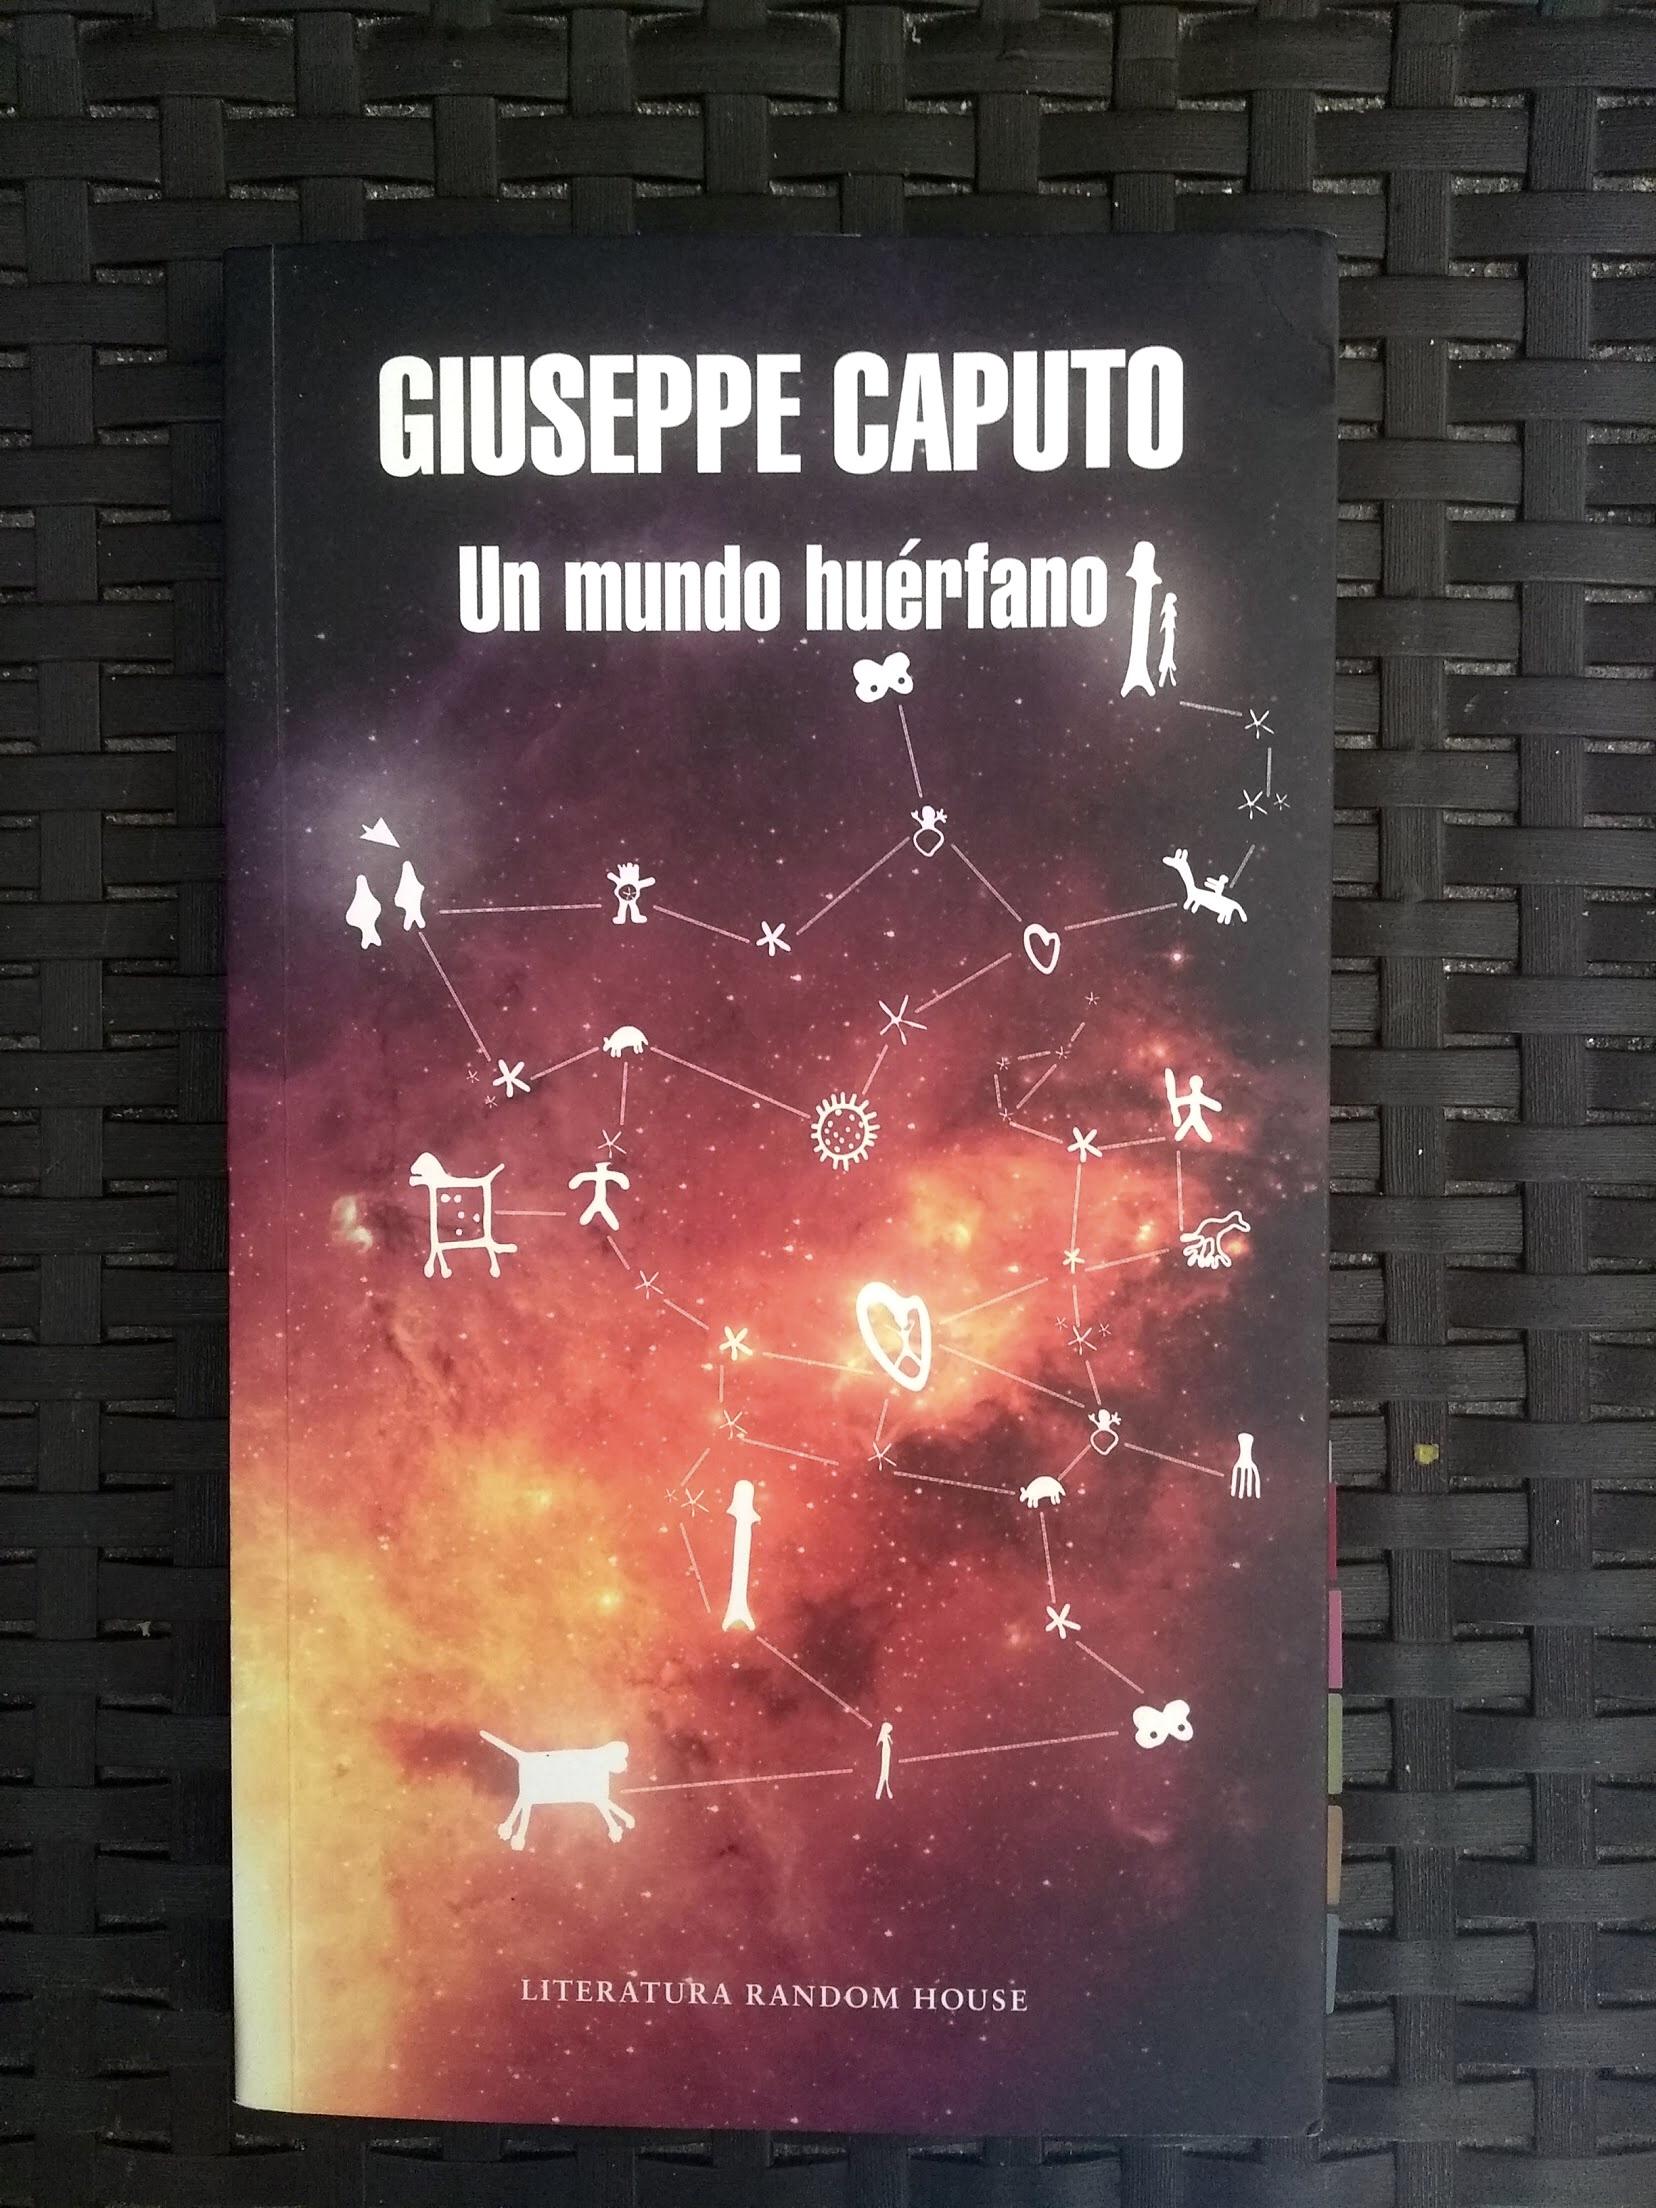 Carta a Giuseppe Caputo: Un mundo huérfano